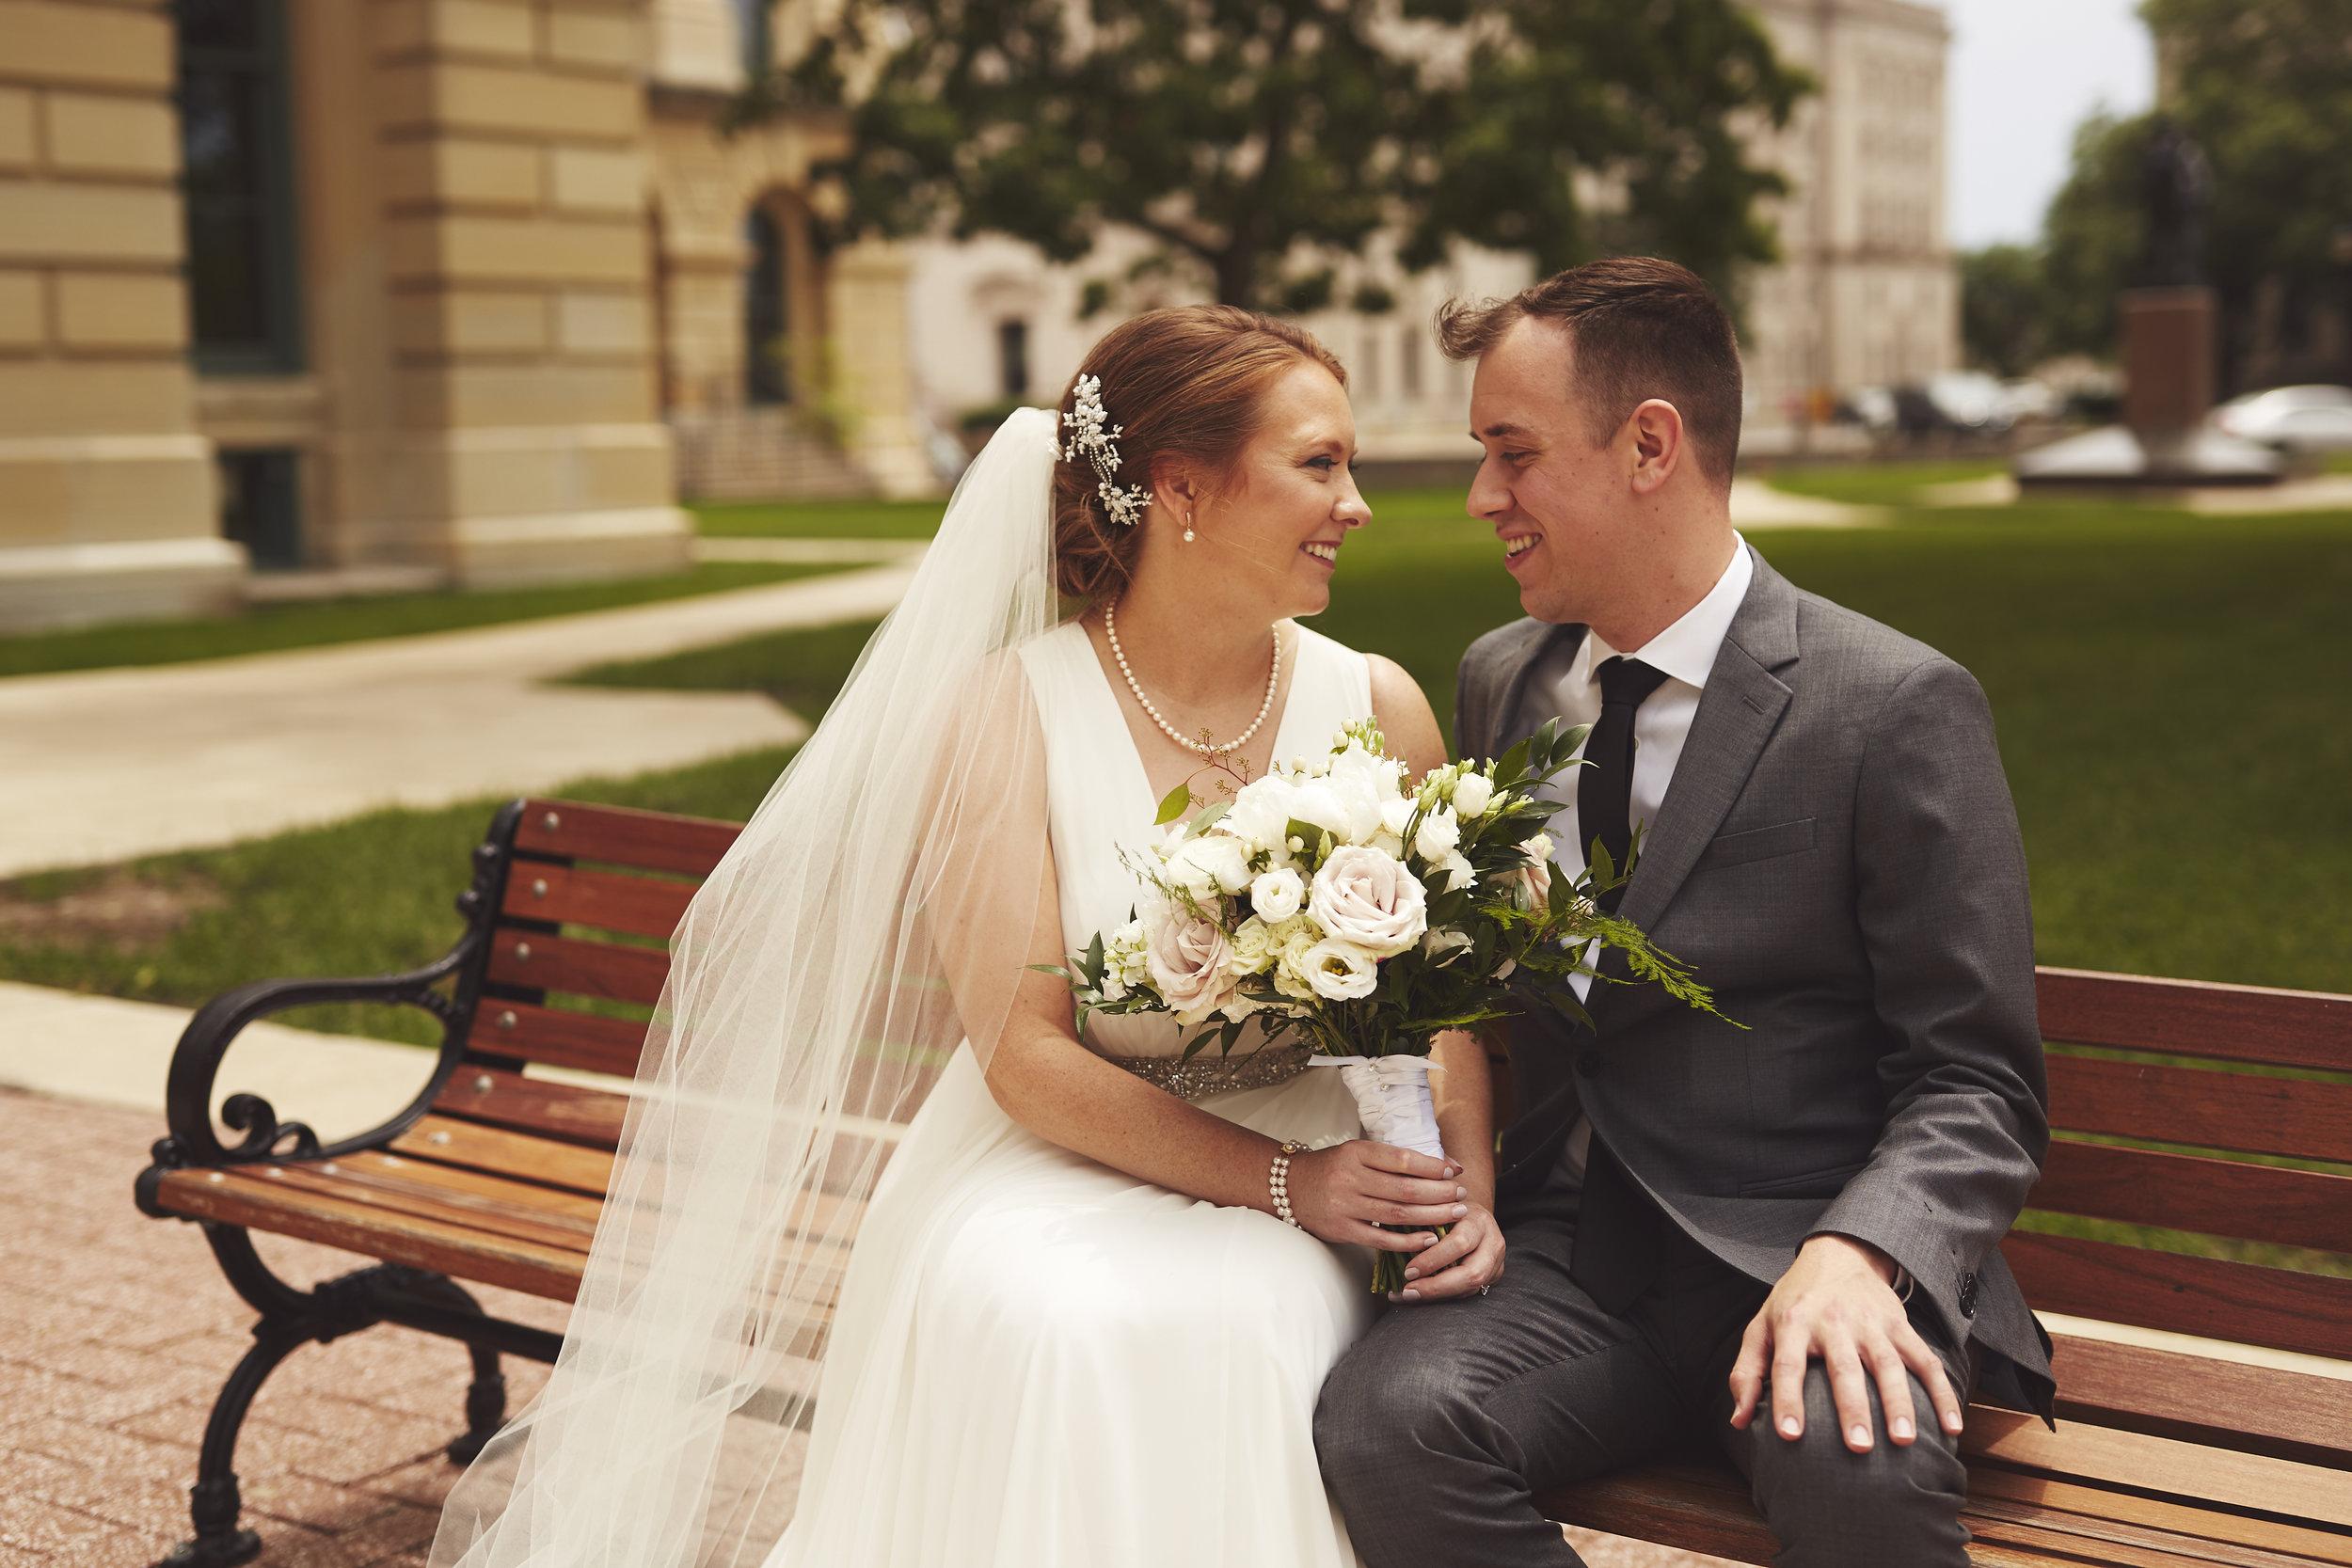 Kathleen & Troy - Ben Romang Photo - 6I5A7858.jpg